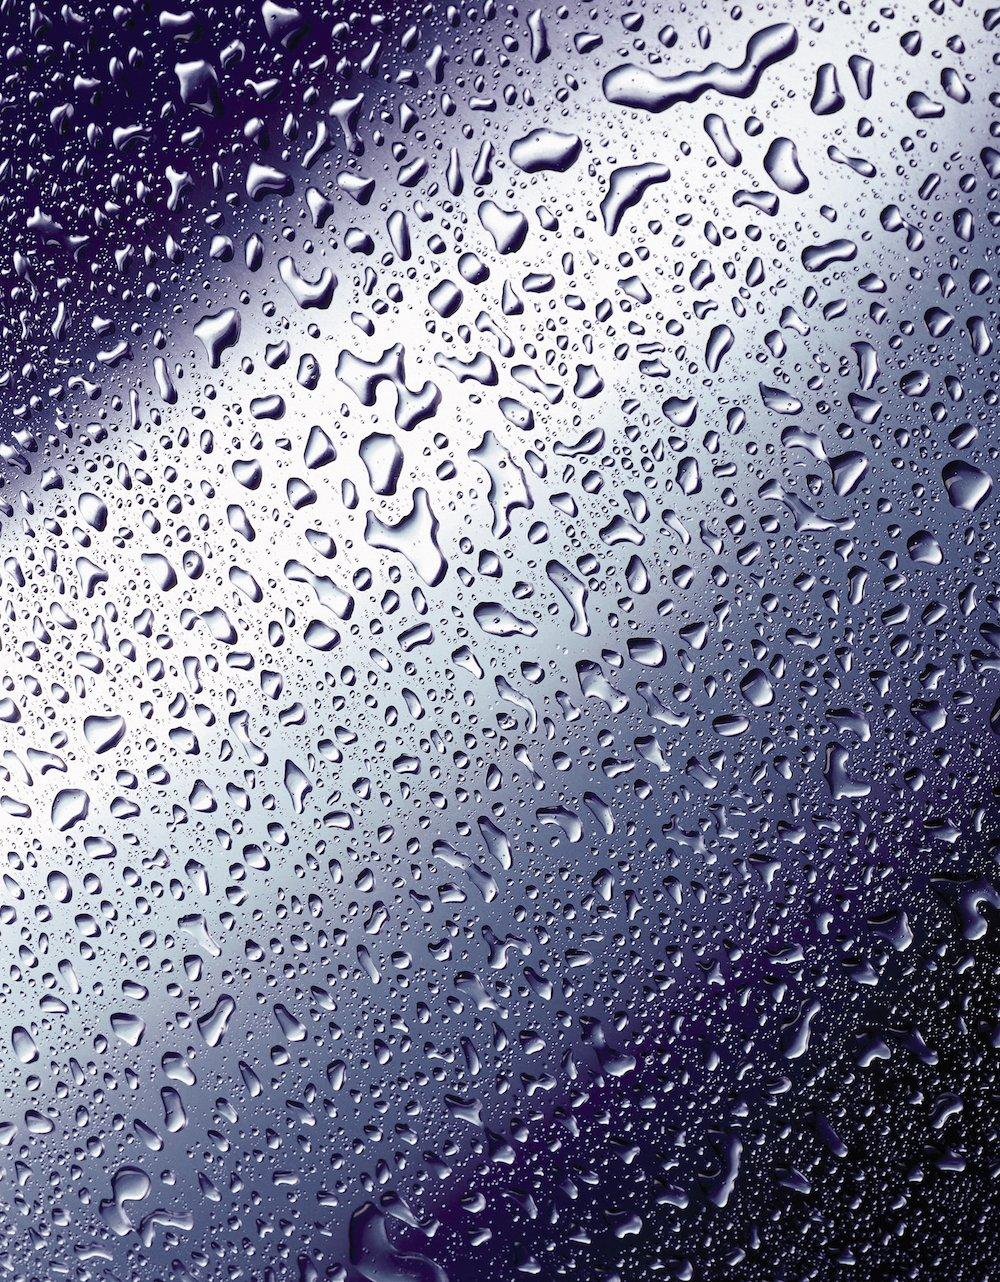 Liebenswert Luft Befeuchten Sammlung Von Ab 65 Ist Die Zu Feucht; Dies